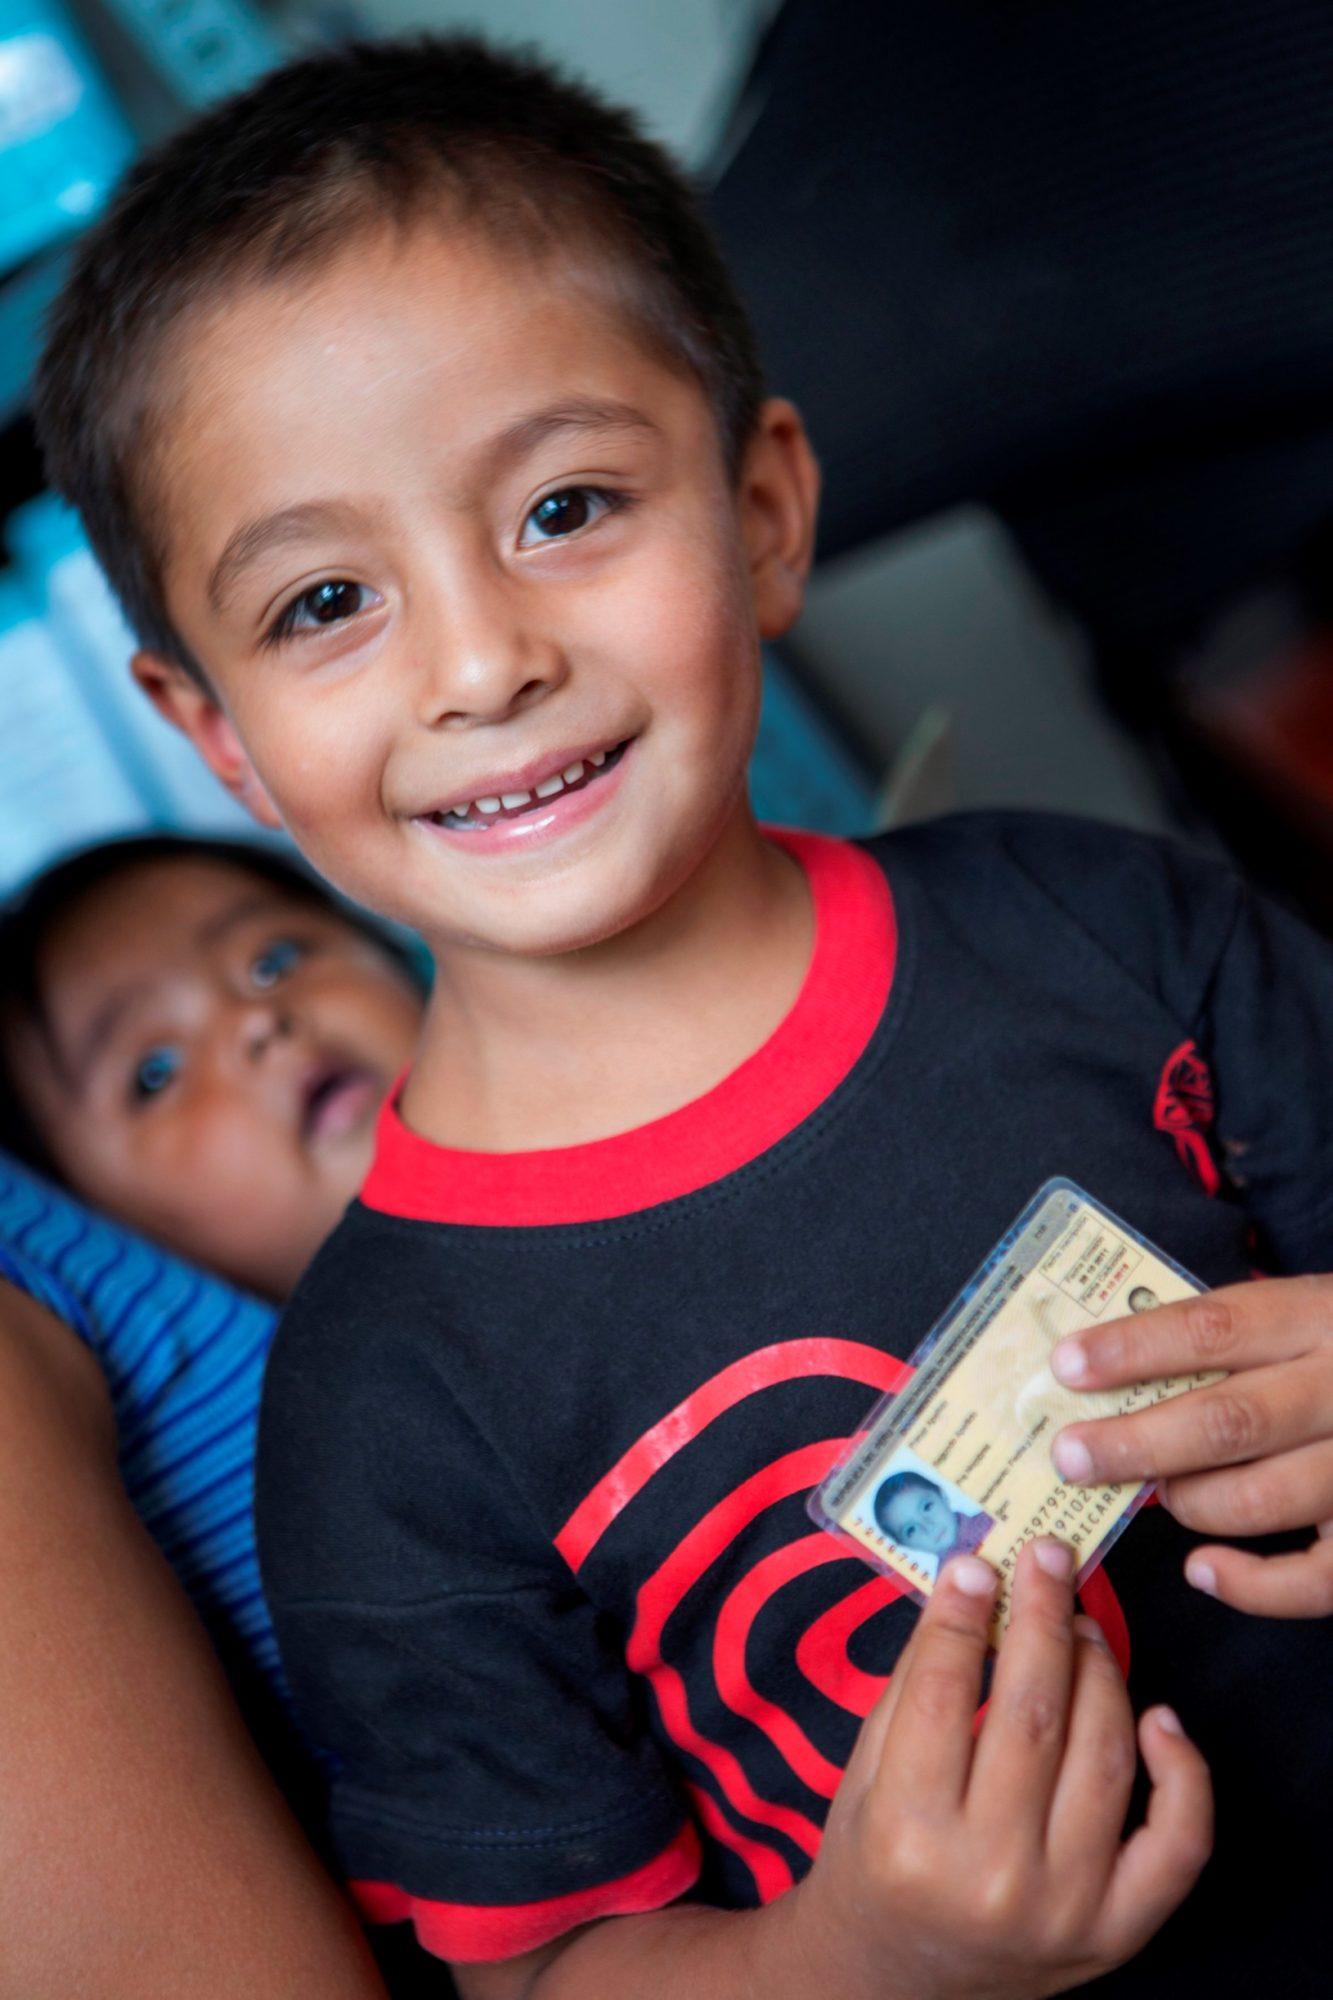 國際培幼會 A Peruvian boy holds his identification card - 國際培幼會